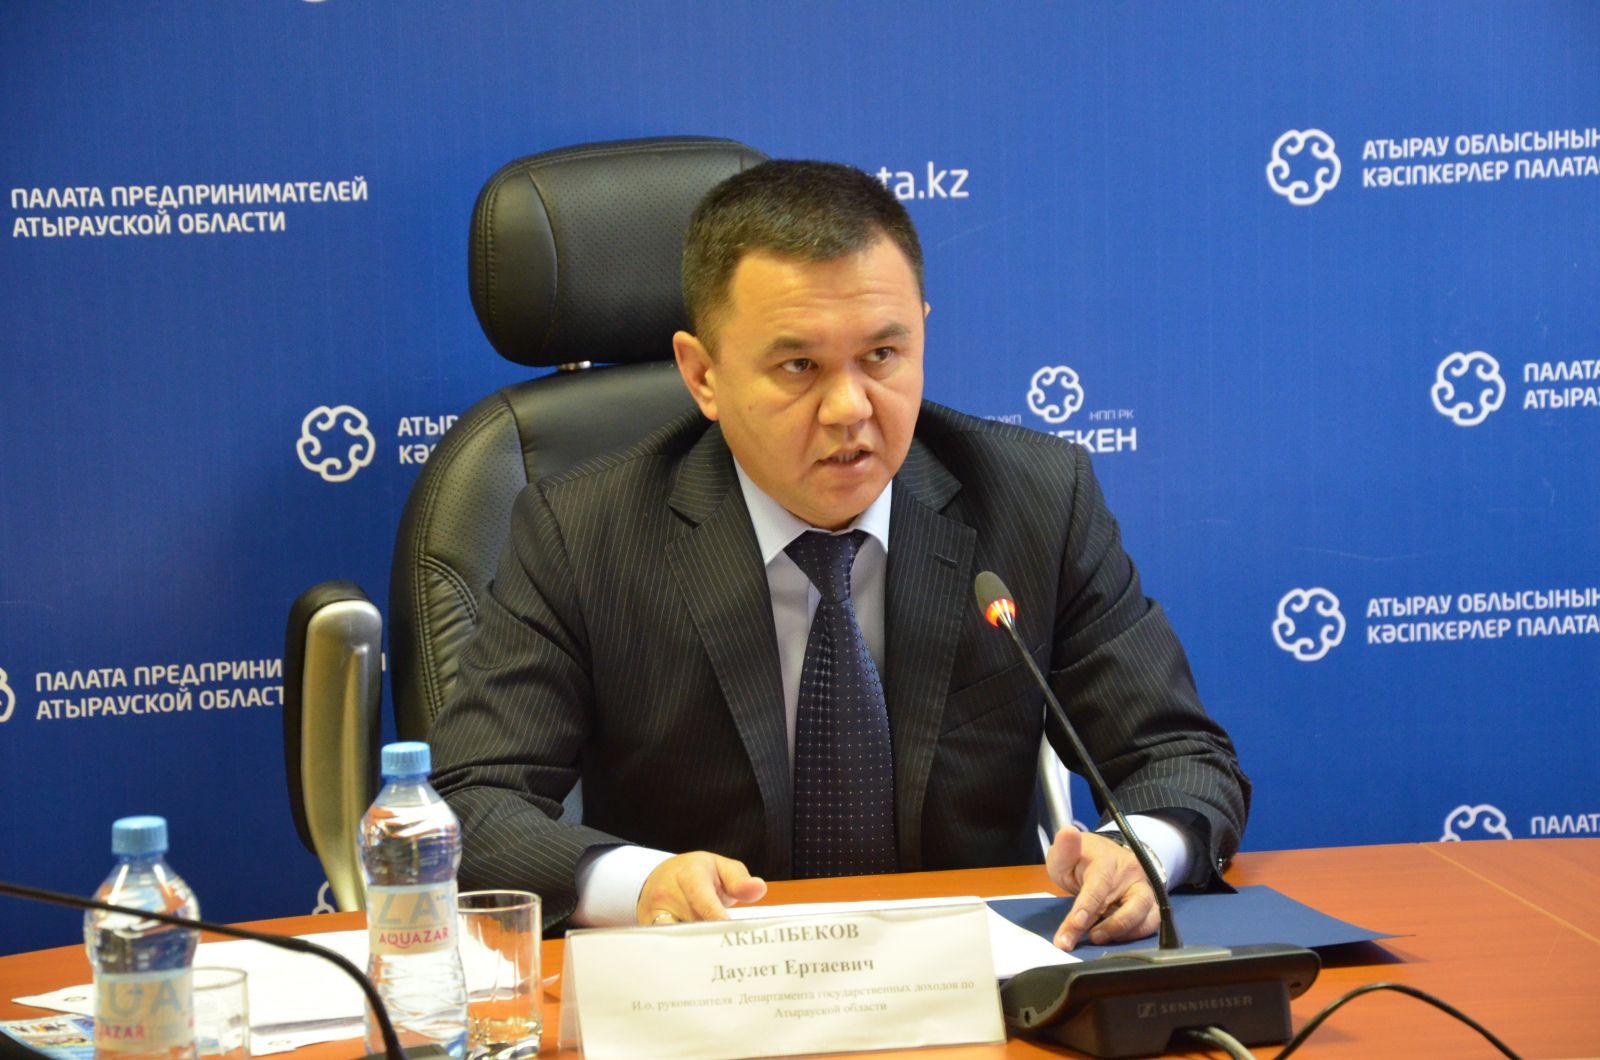 Досье: Акылбеков Даулет Ертаевич, Даулет Акылбеков, досье,назначение